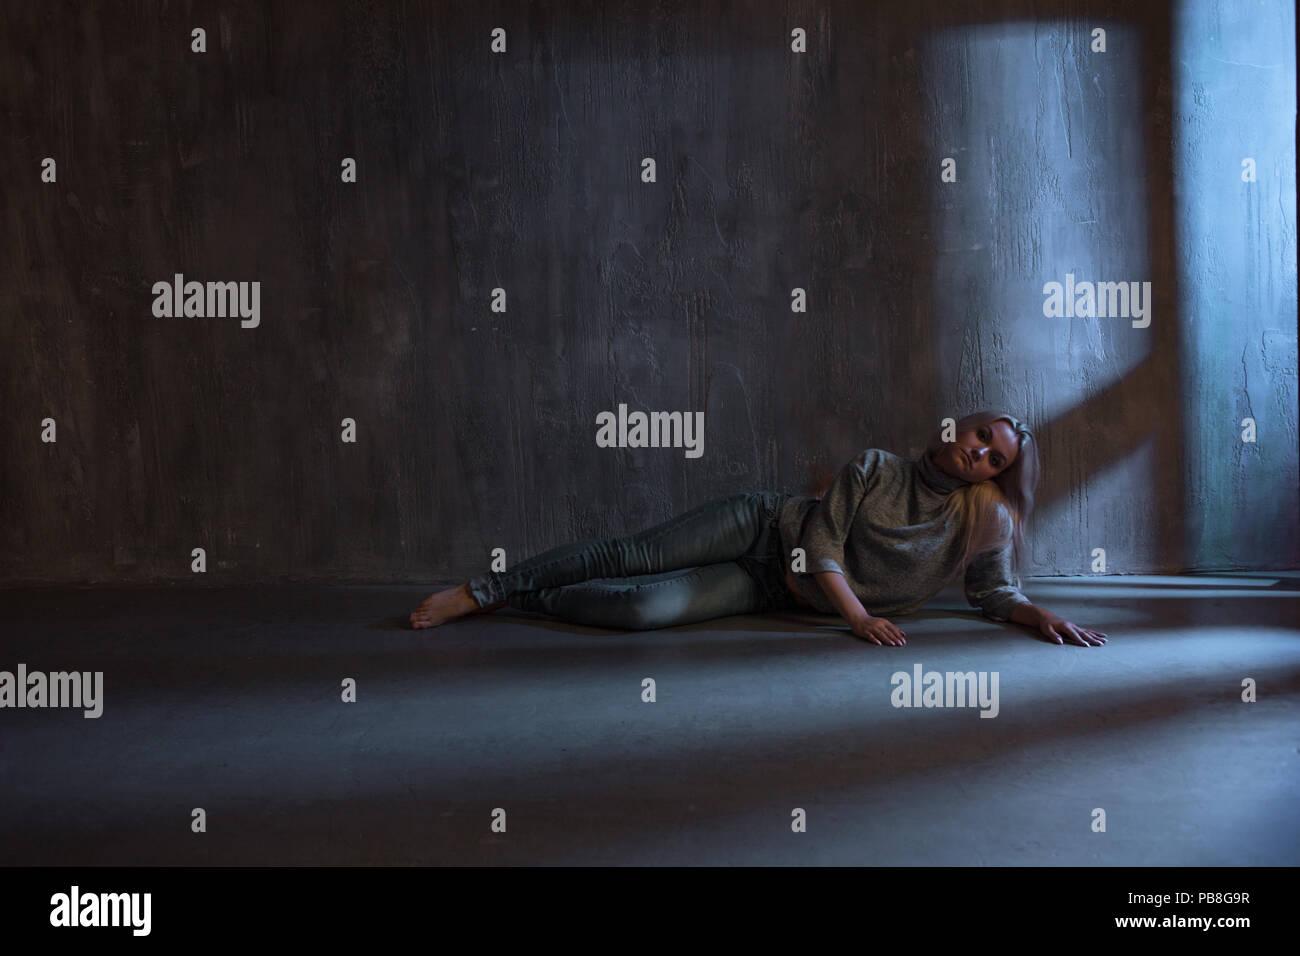 L'ÉSPT. Jeune femme étendue sur le sol, concept de problème psychologique Photo Stock